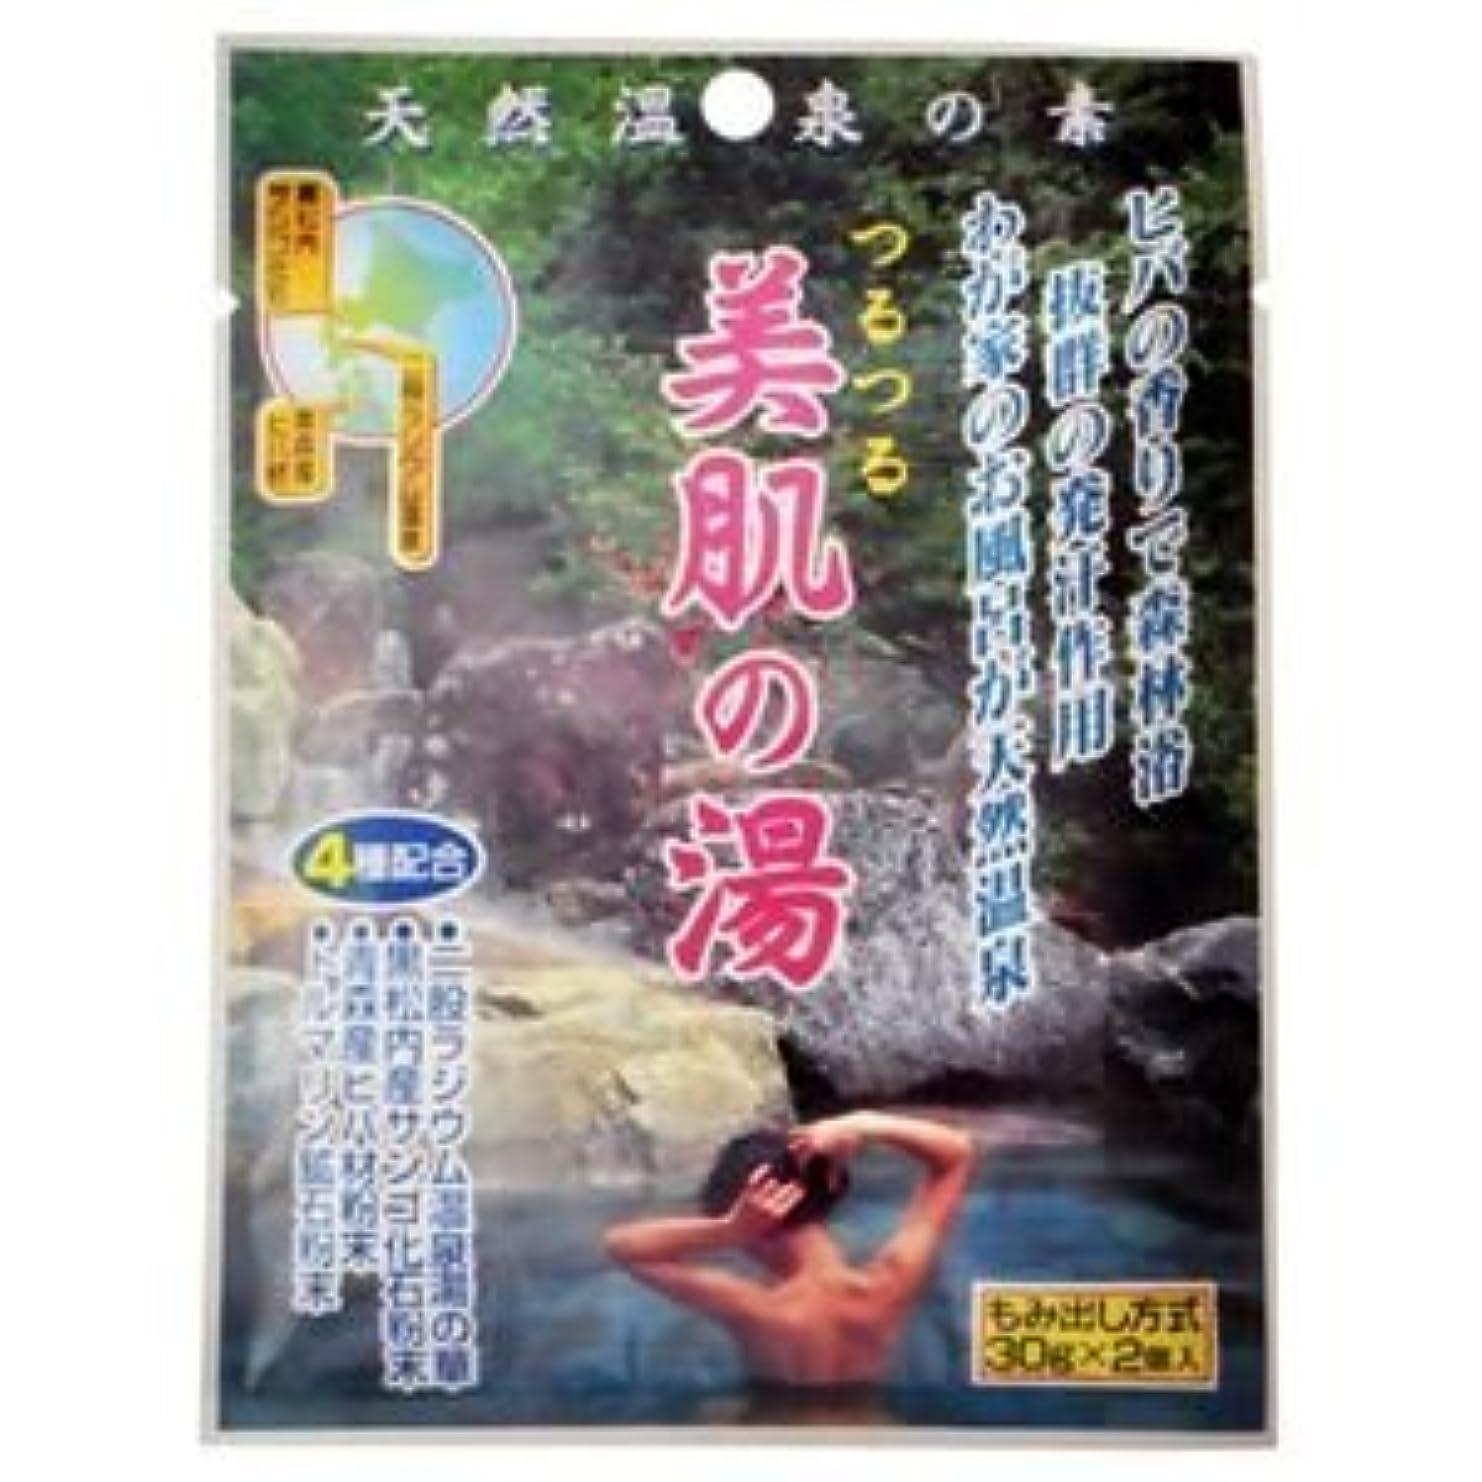 谷遠征印象派天然温泉の素 つるつる美肌の湯 30g×2個入(入浴剤) (10個セット)